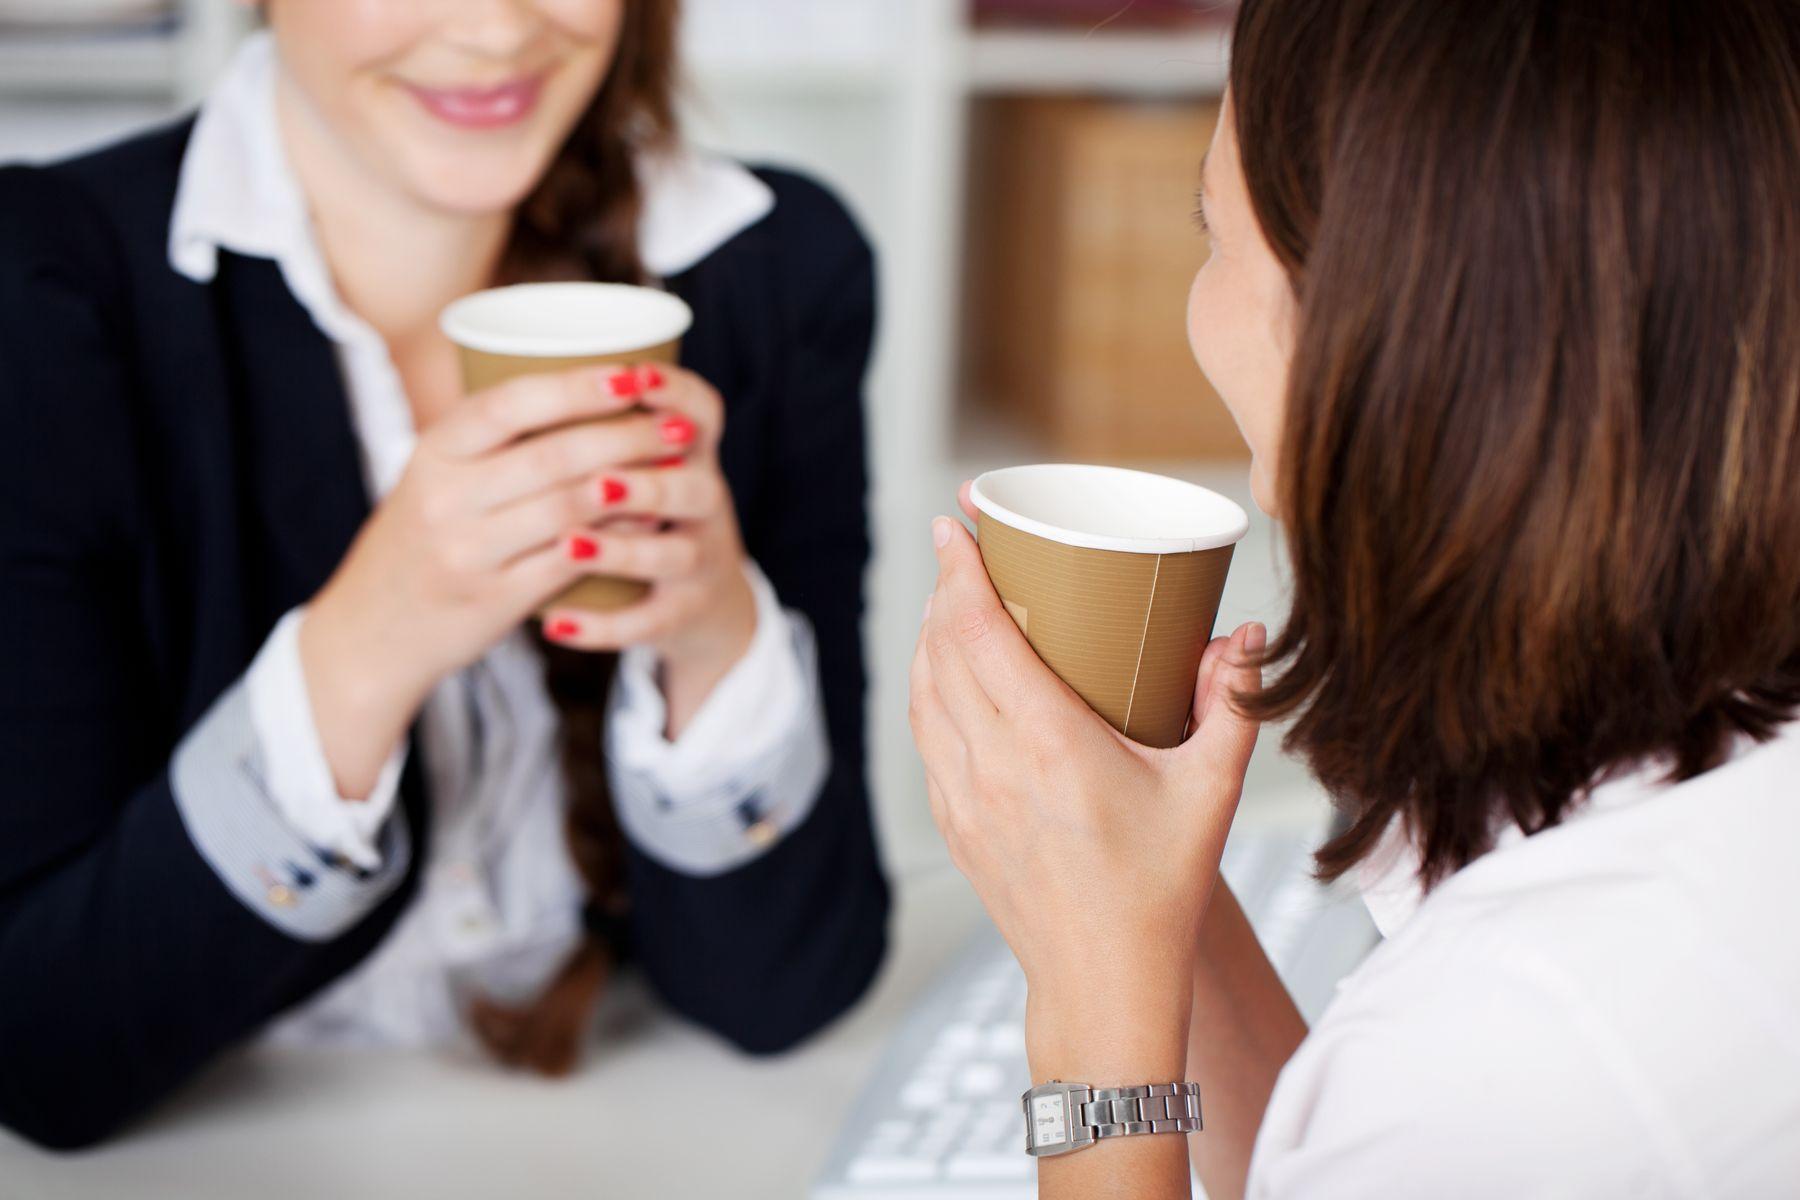 Spilled Green Tea on Your Office Shirt shutterstock 141838129